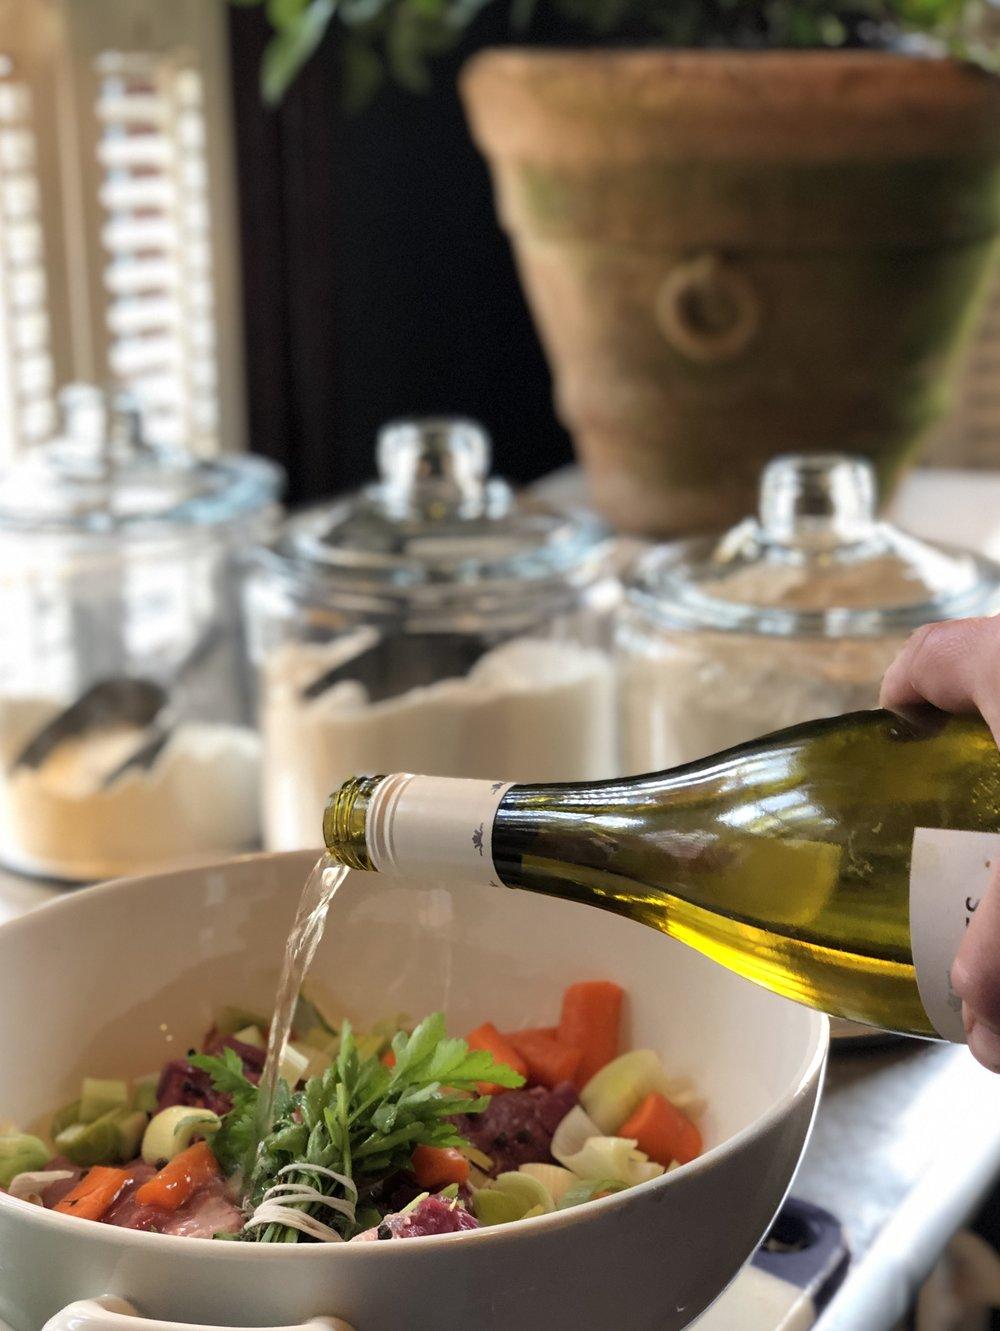 Marinate overnight in wine.